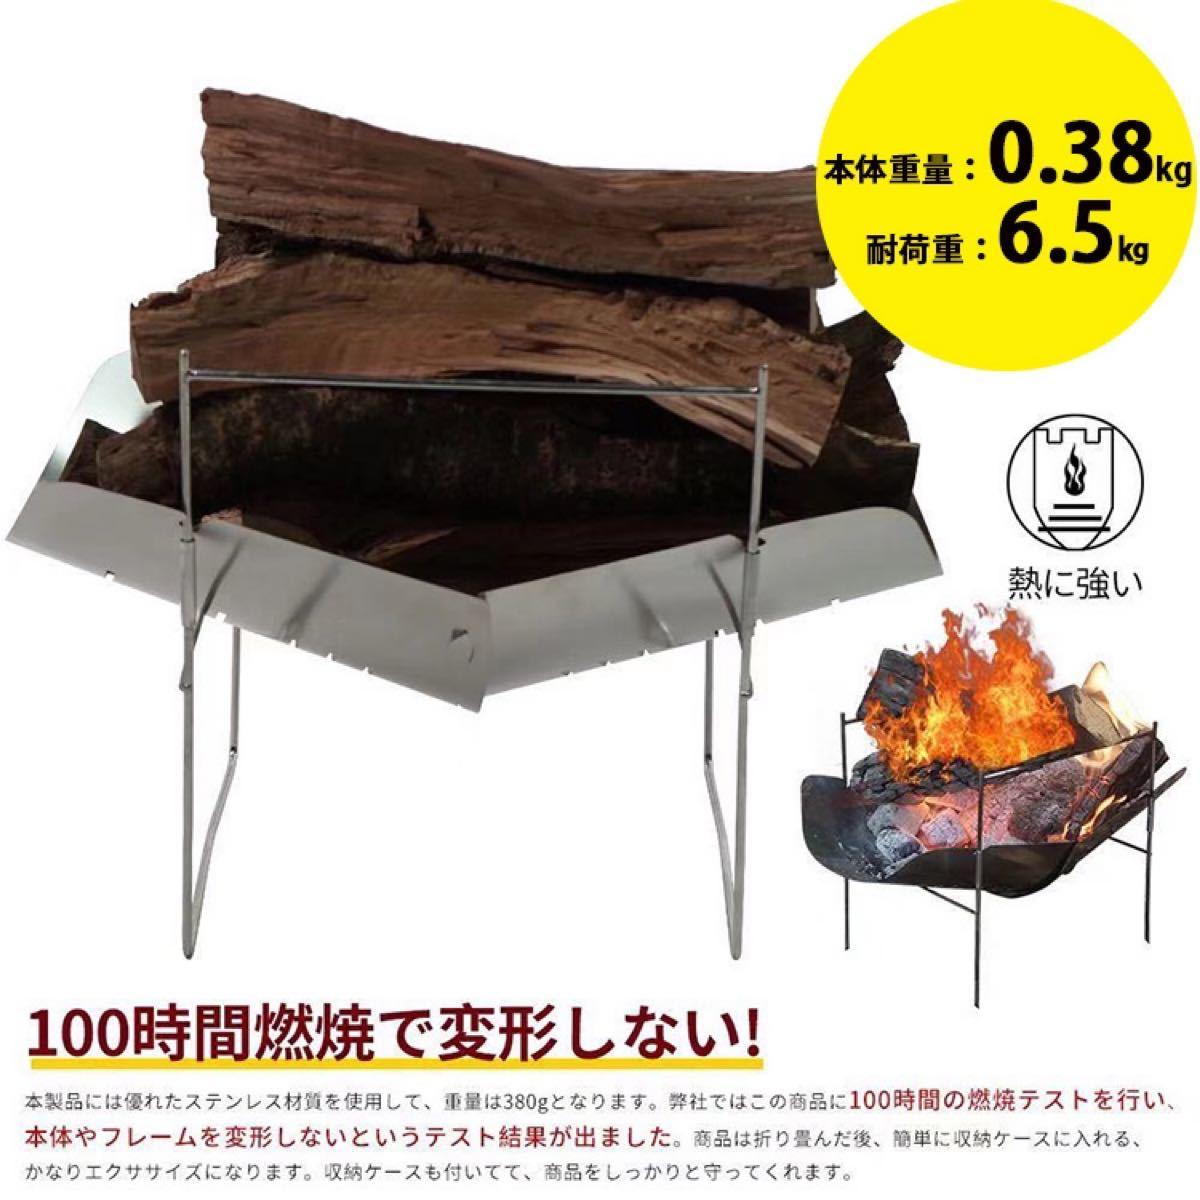 焚き火台 焚火台 バーベキューコンロ 軽量 頑丈 キャンプやソロキャンプに 人気